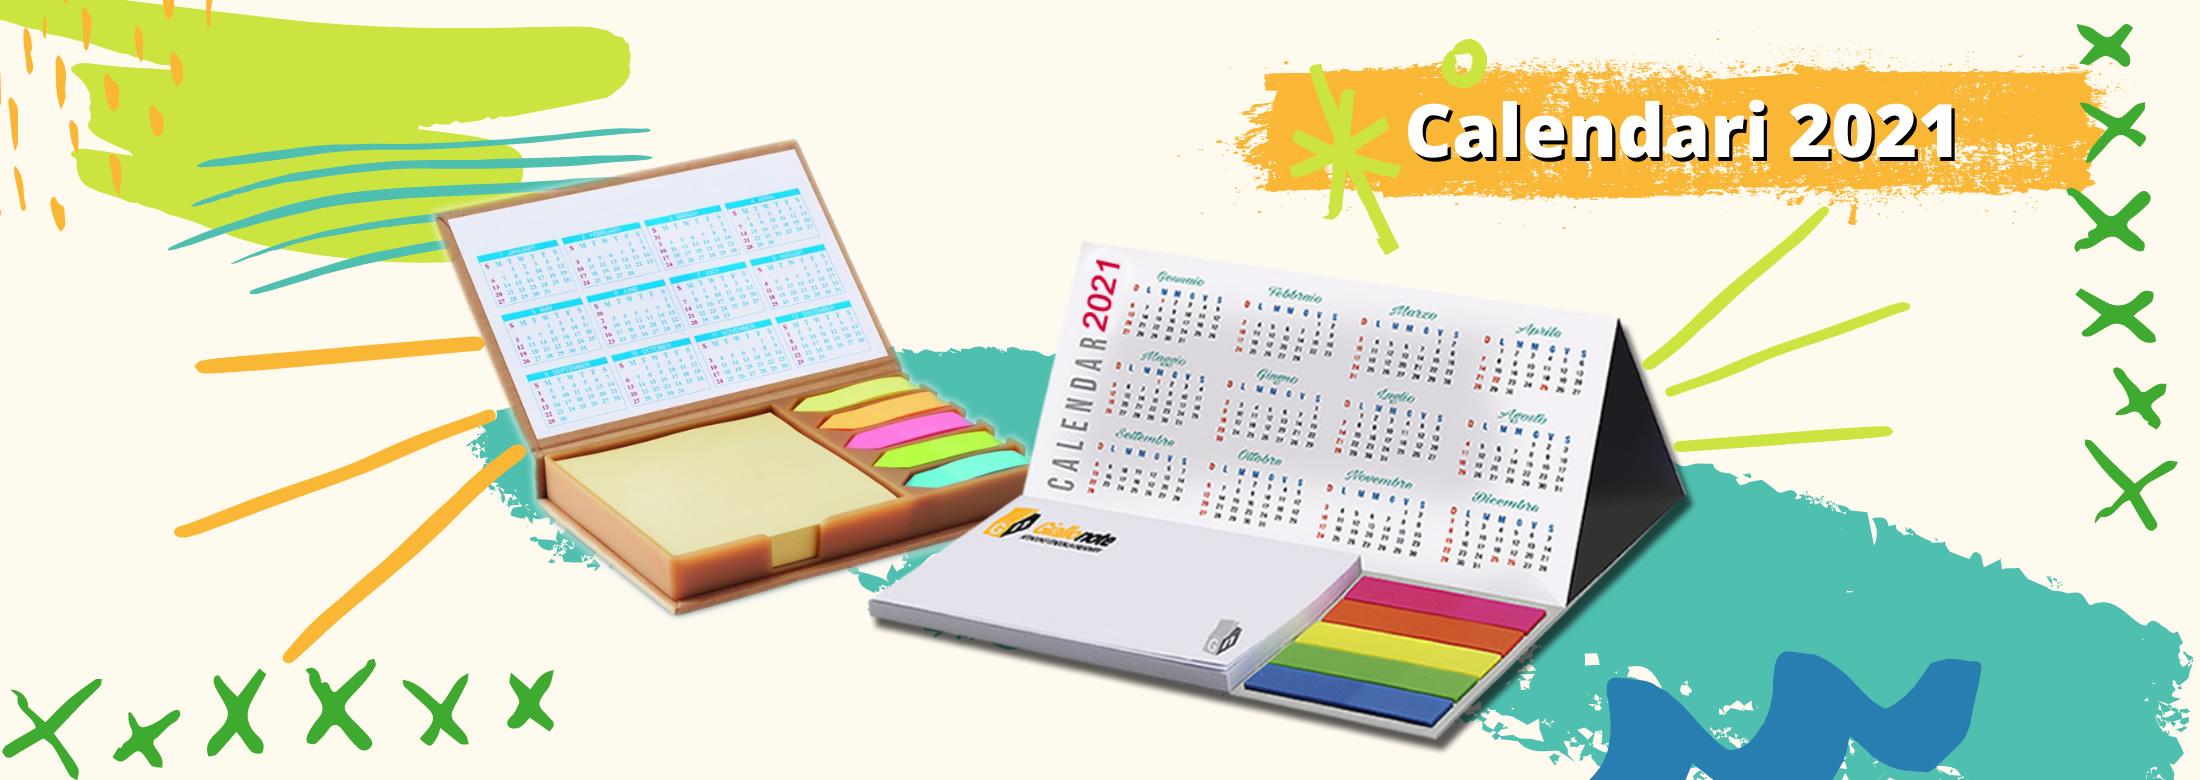 Calendari e planning 2021 Giallonote